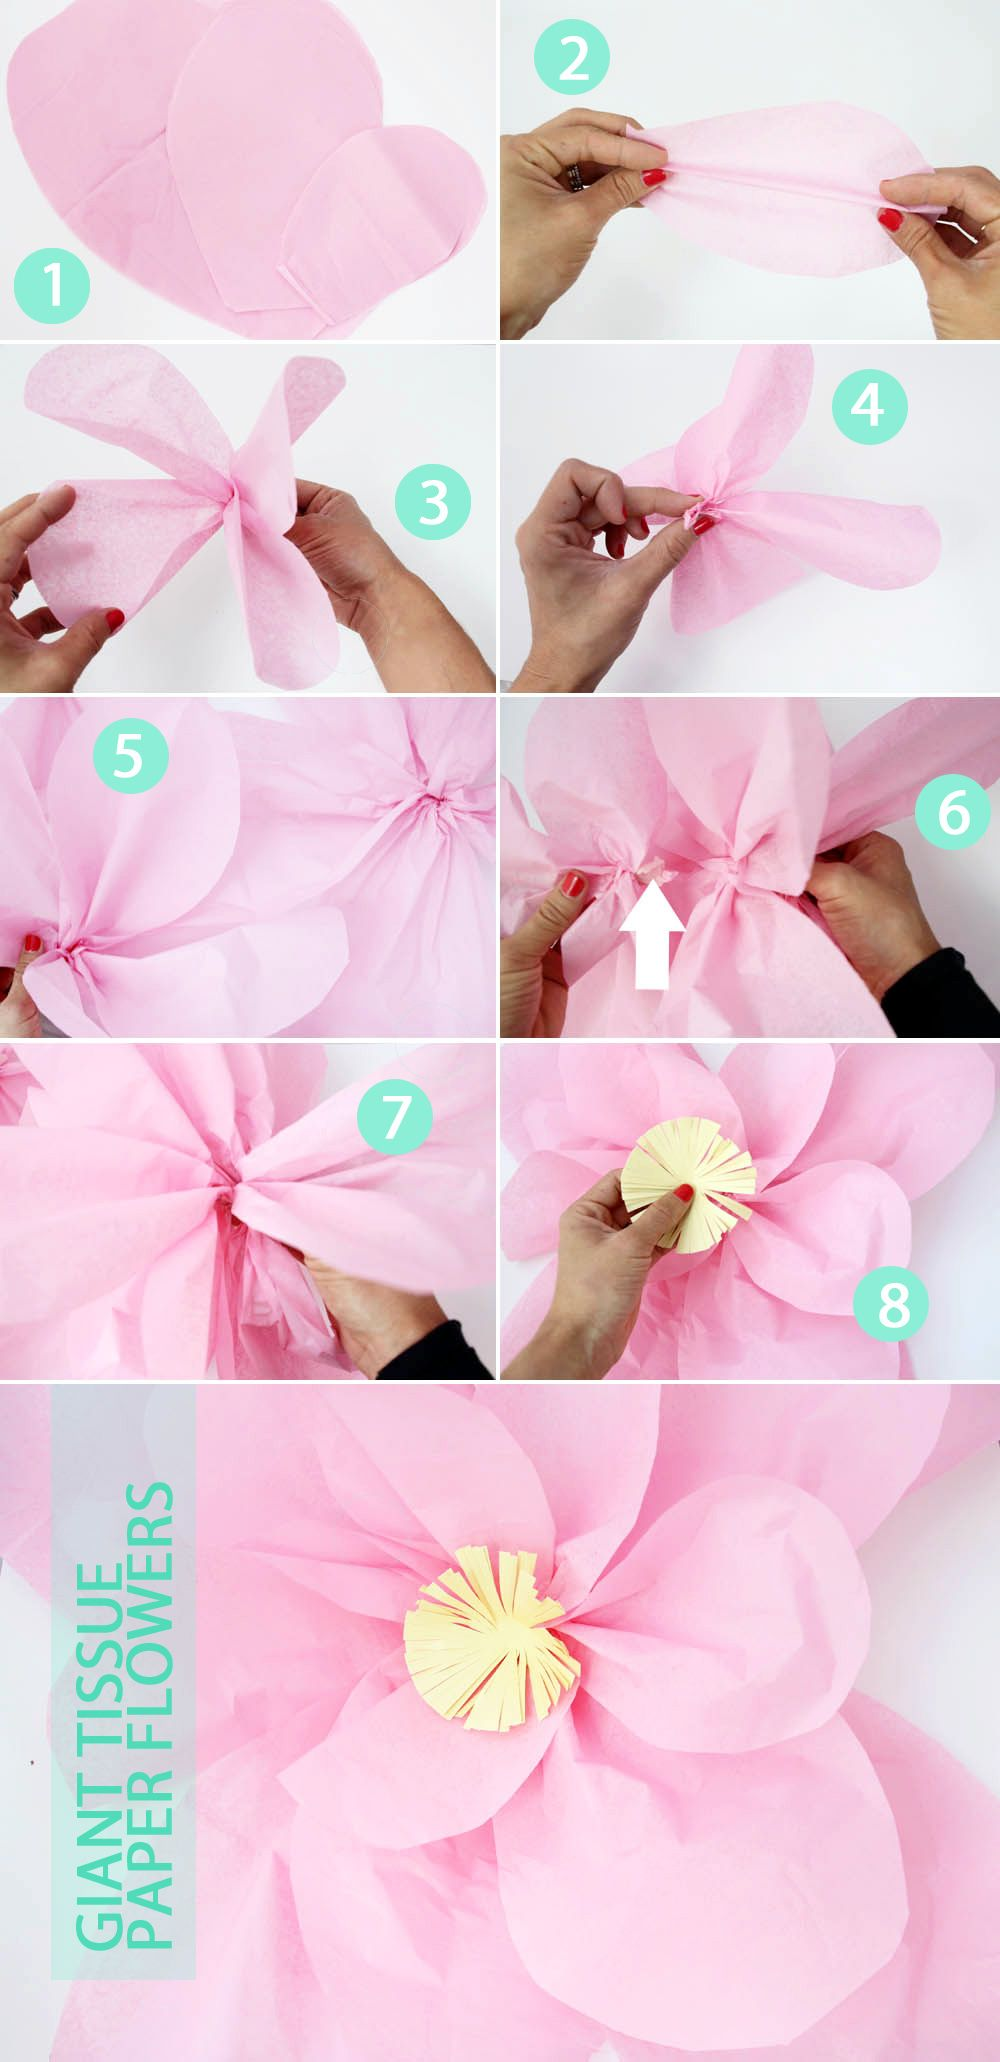 Tutorial giant tissue paper flowers pepperdesignblog floral tutorial giant tissue paper flowers pepperdesignblog mightylinksfo